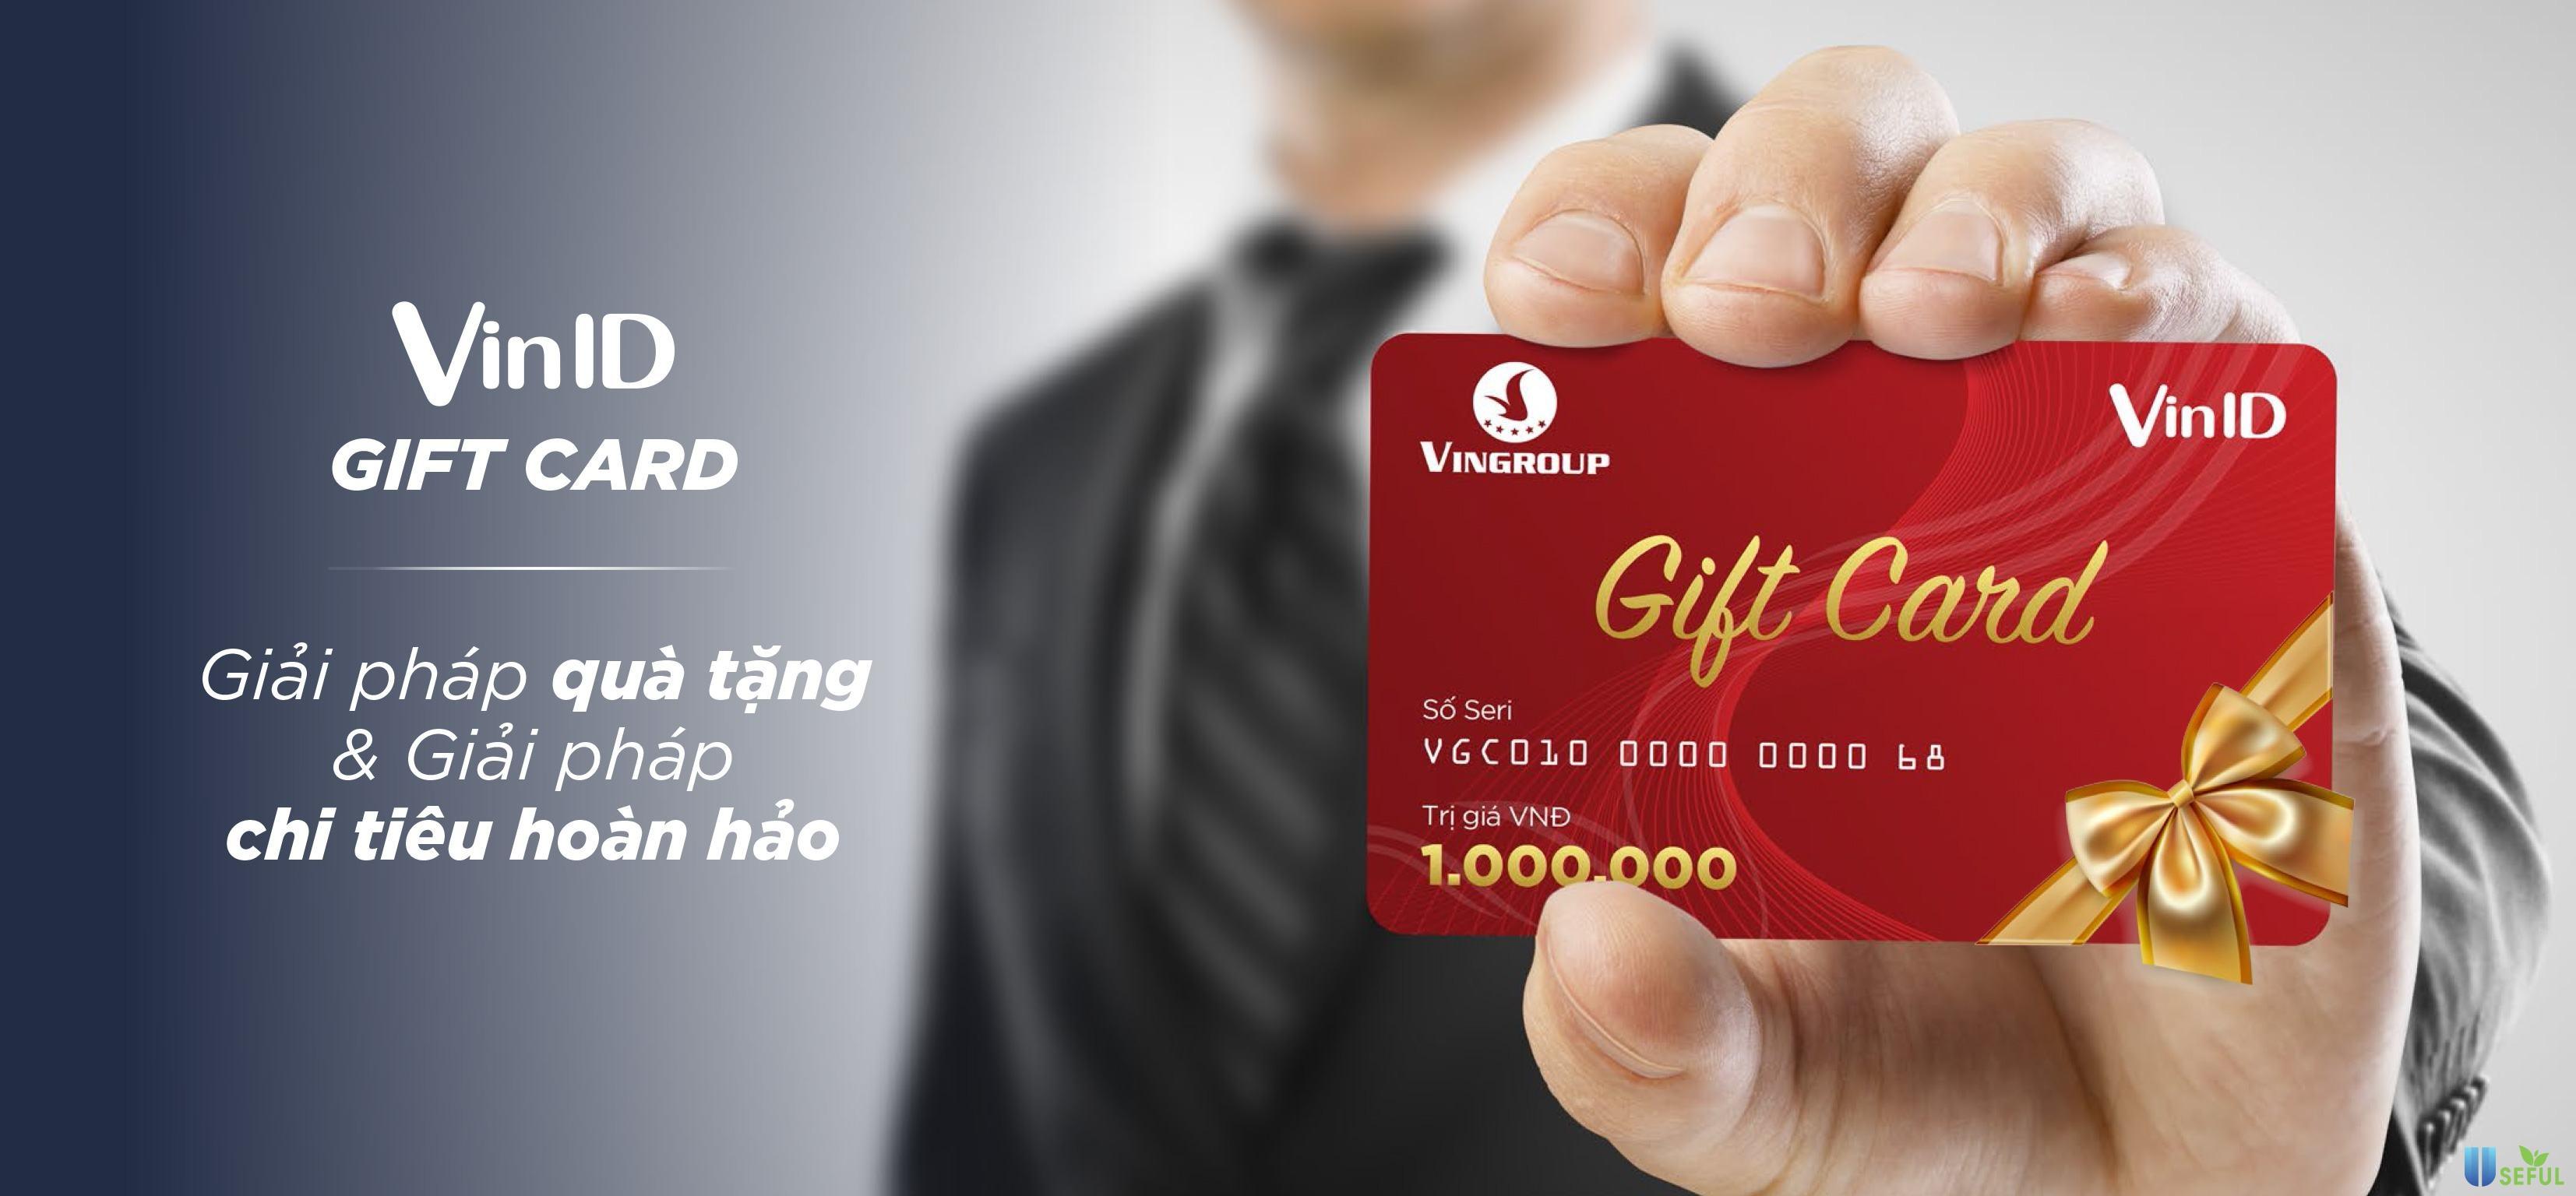 Tặng thẻ quà tặng là giải pháp tối ưu của doanh nghiệp